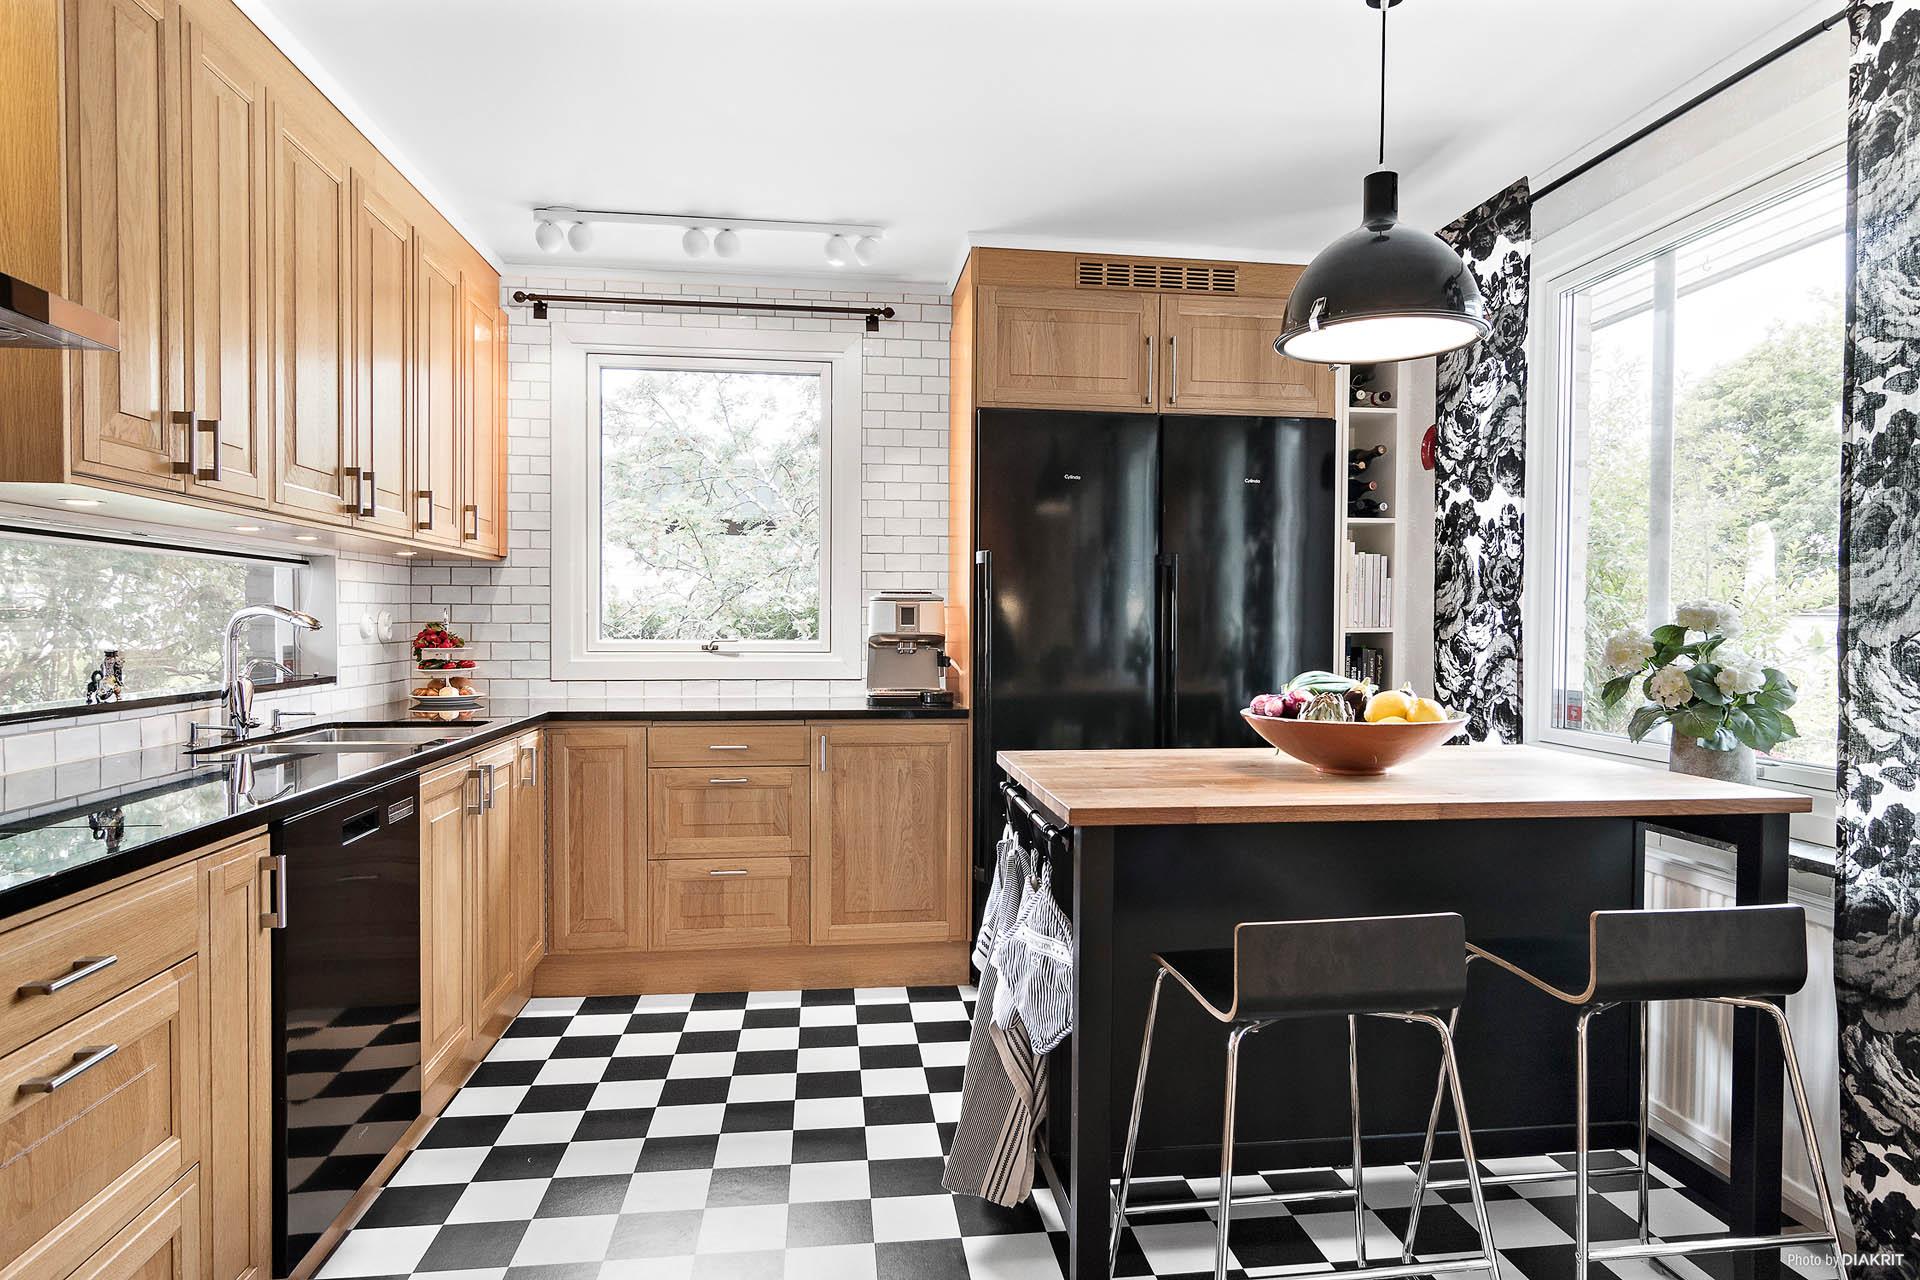 Modernt kök med fönster i tre väderstreck